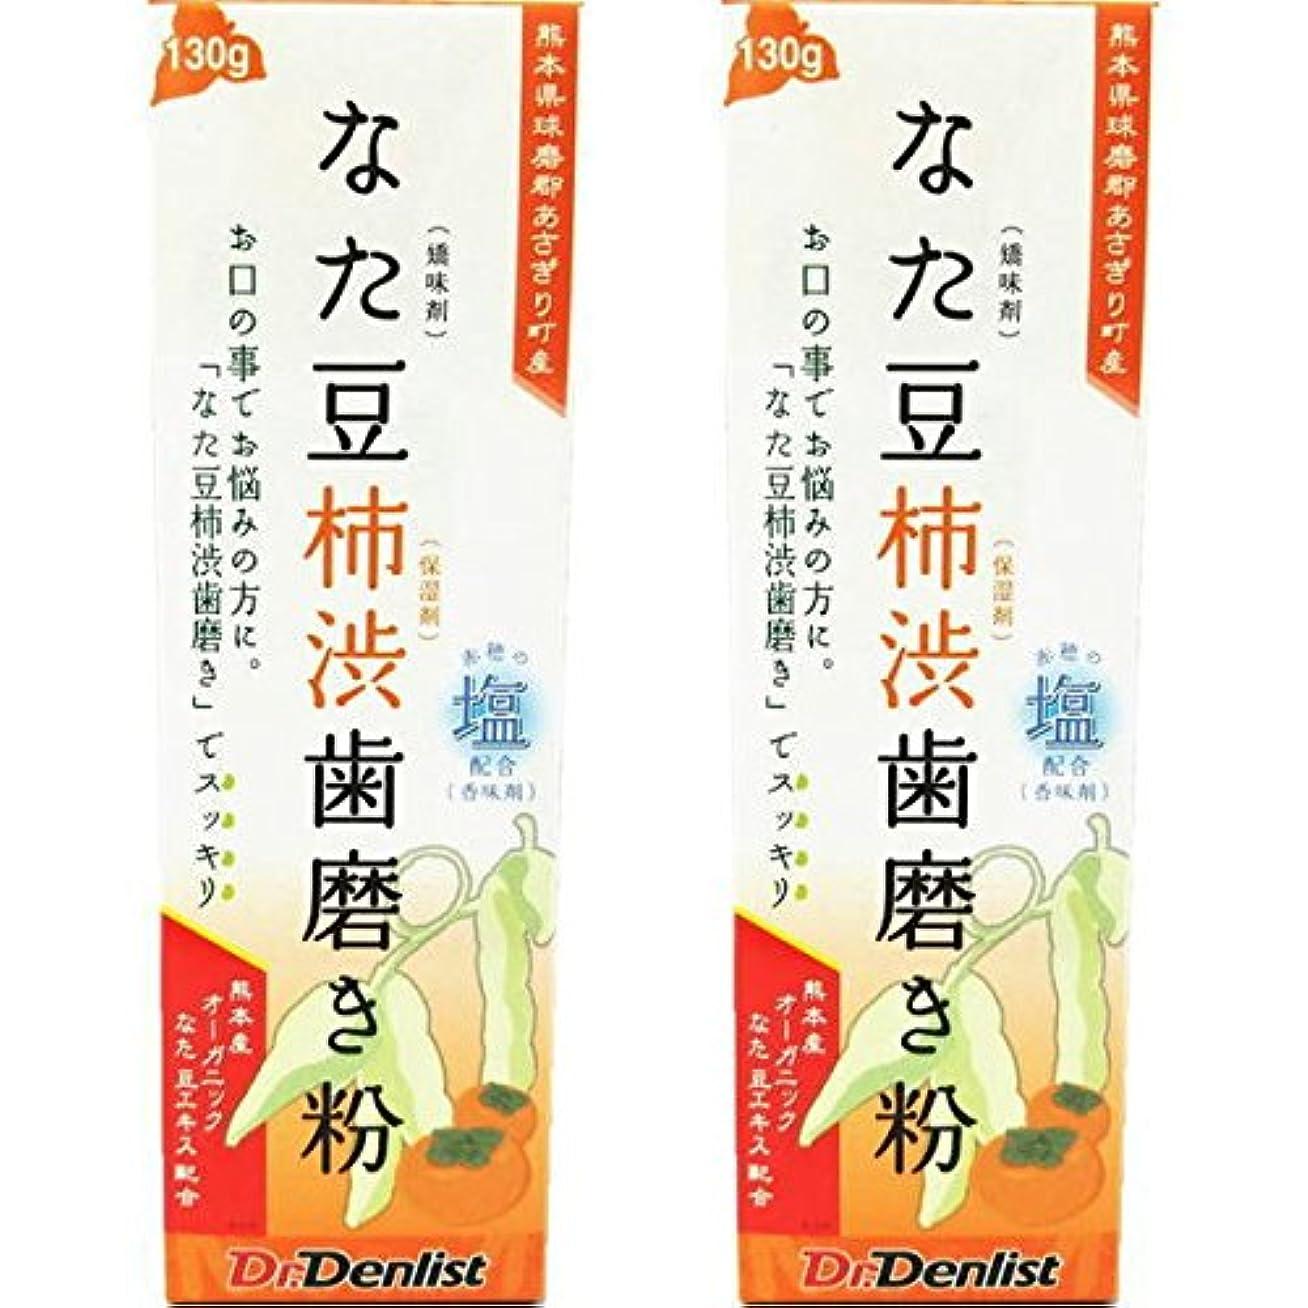 蓄積する橋脚黒なた豆柿渋歯磨き 130g 2個セット 国産 有機なた豆使用 赤穂の塩配合(香味剤)